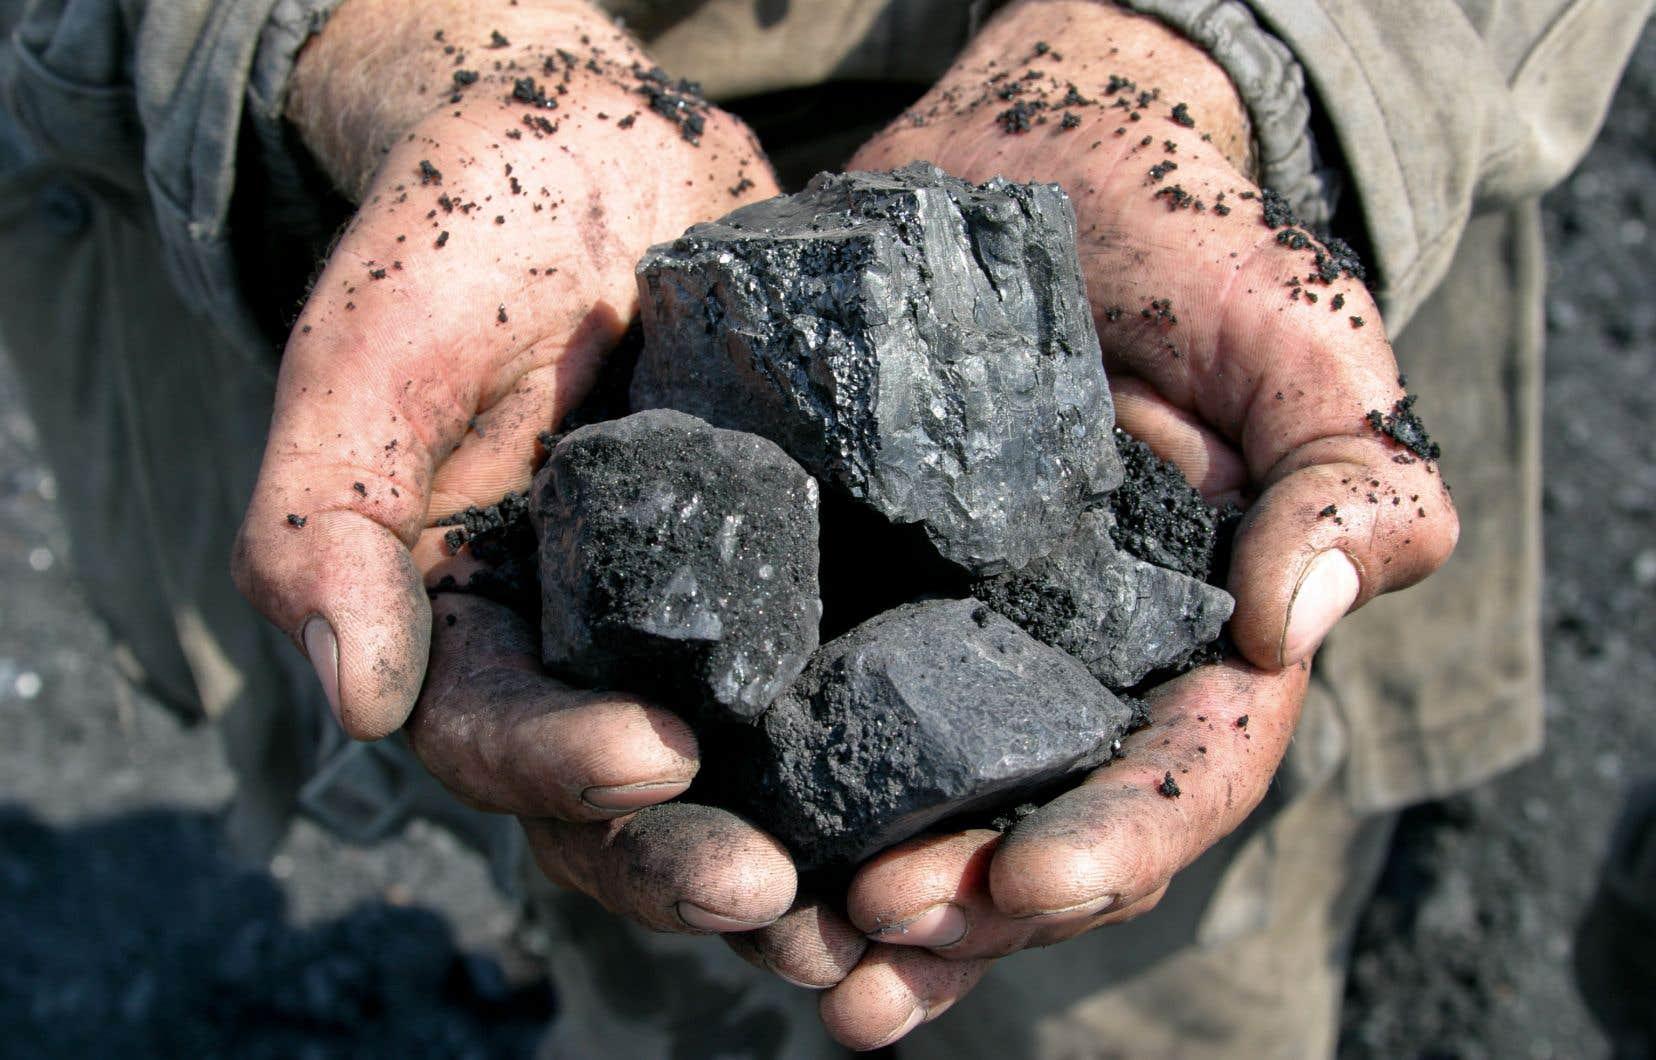 Le projet Grassy Mountain, s'il aboutit, produirait 4,5millions de tonnes de charbon métallurgique par an, et ce, durant 25ans.